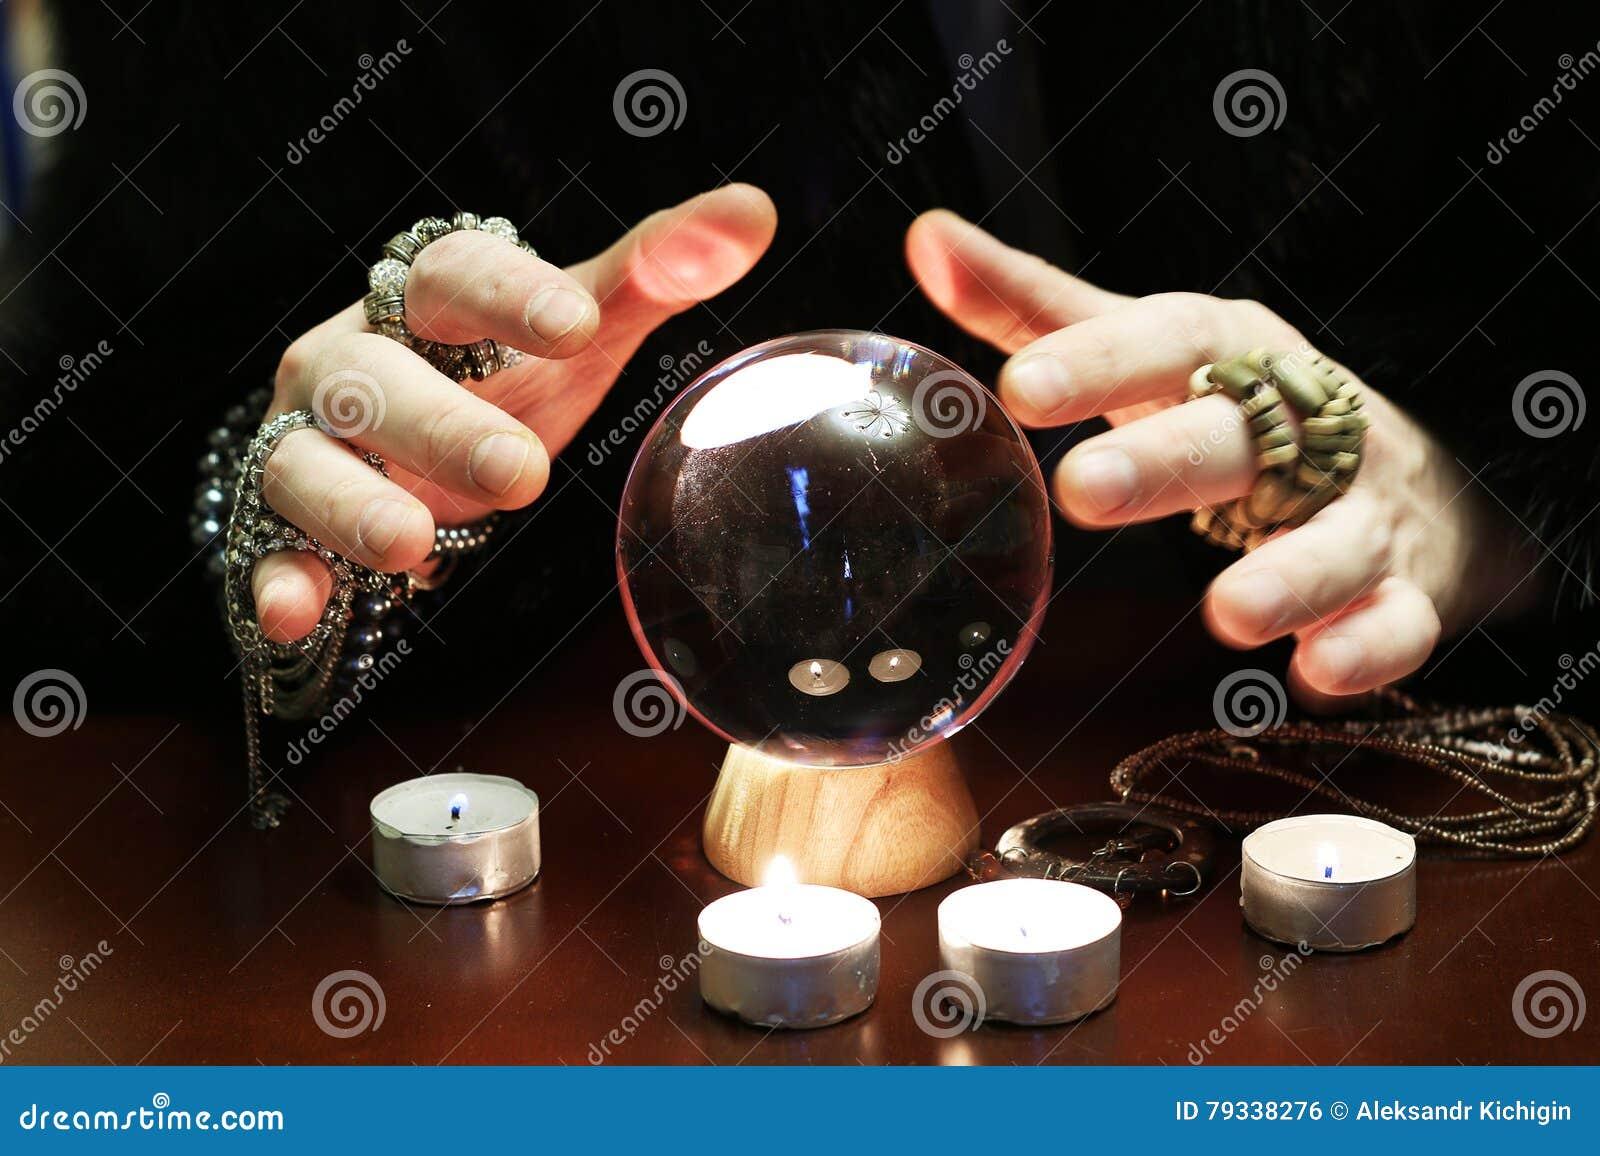 De tovenaar overhandigt transparante kristallen bol fortuin-vertelt voor toekomst